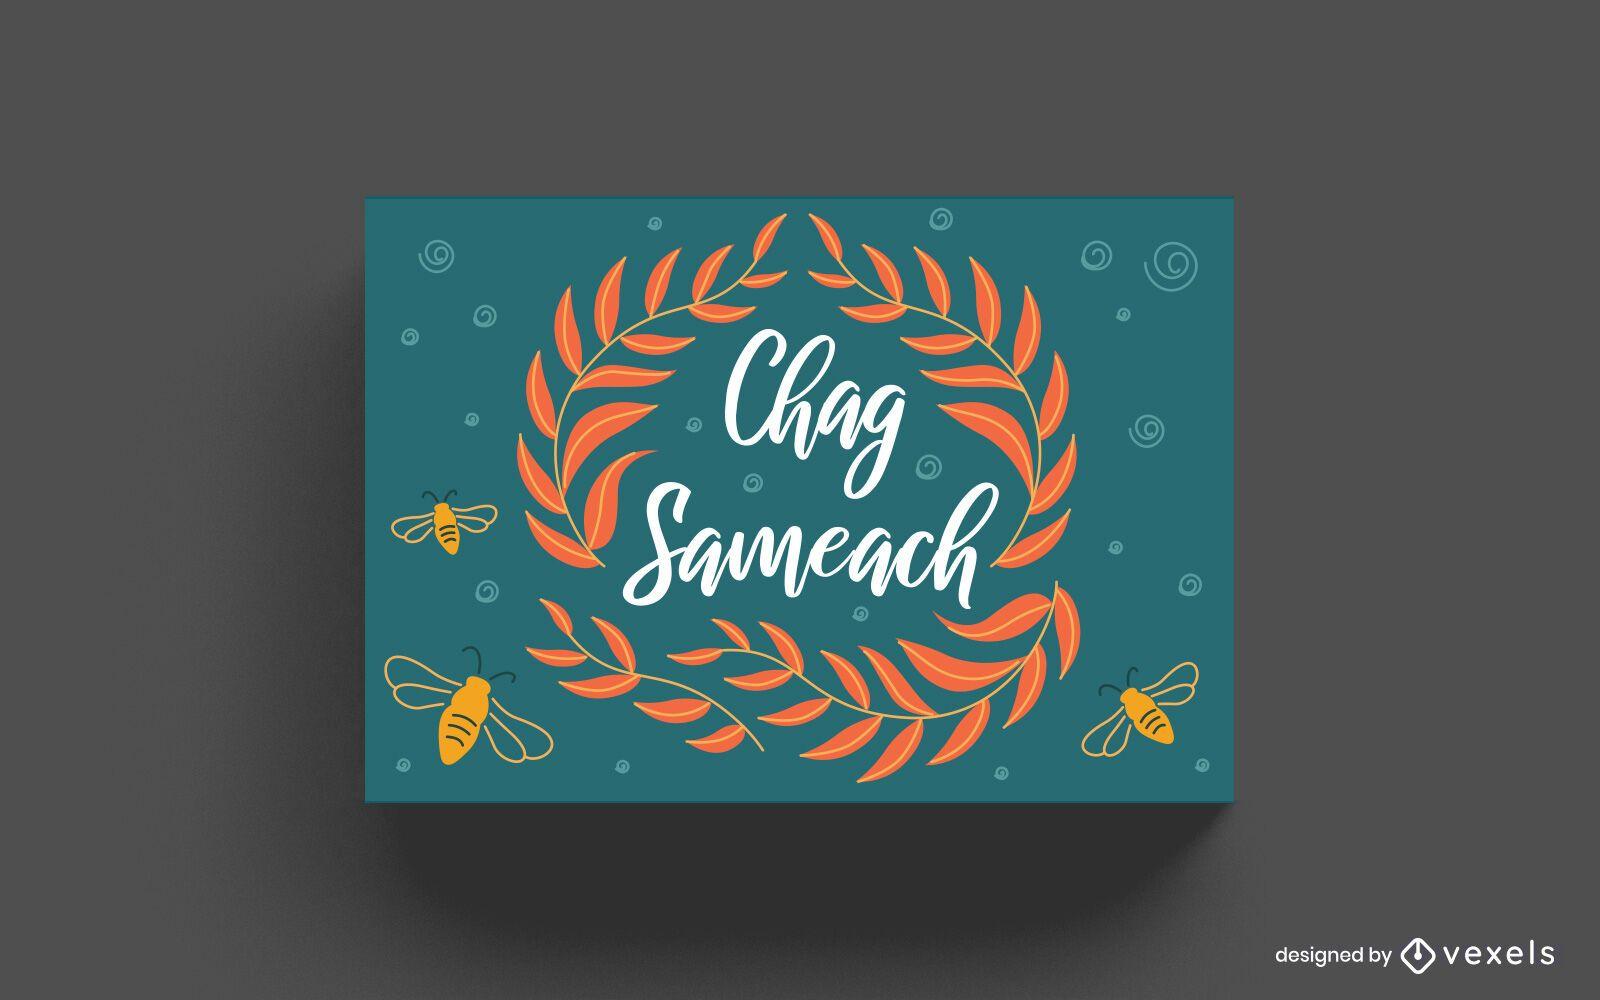 Chag Sameach Lettering Card Design